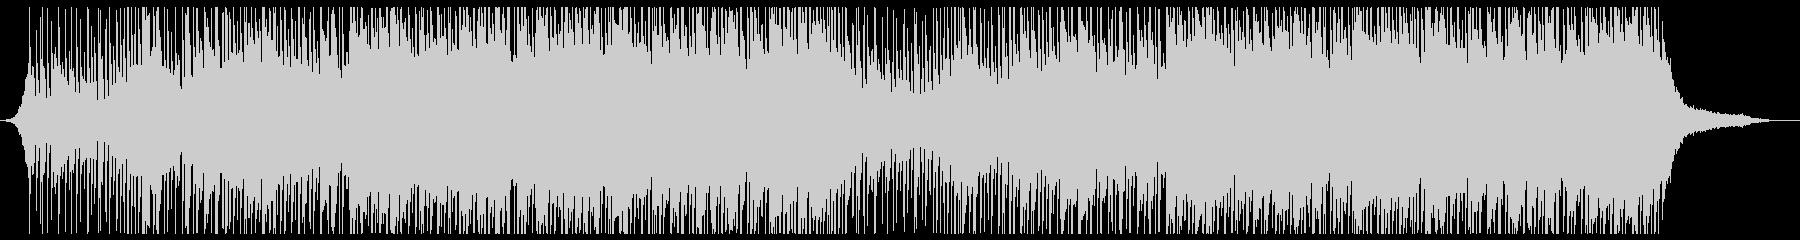 アコギの刻みが心地良い軽快ソフトロックBの未再生の波形